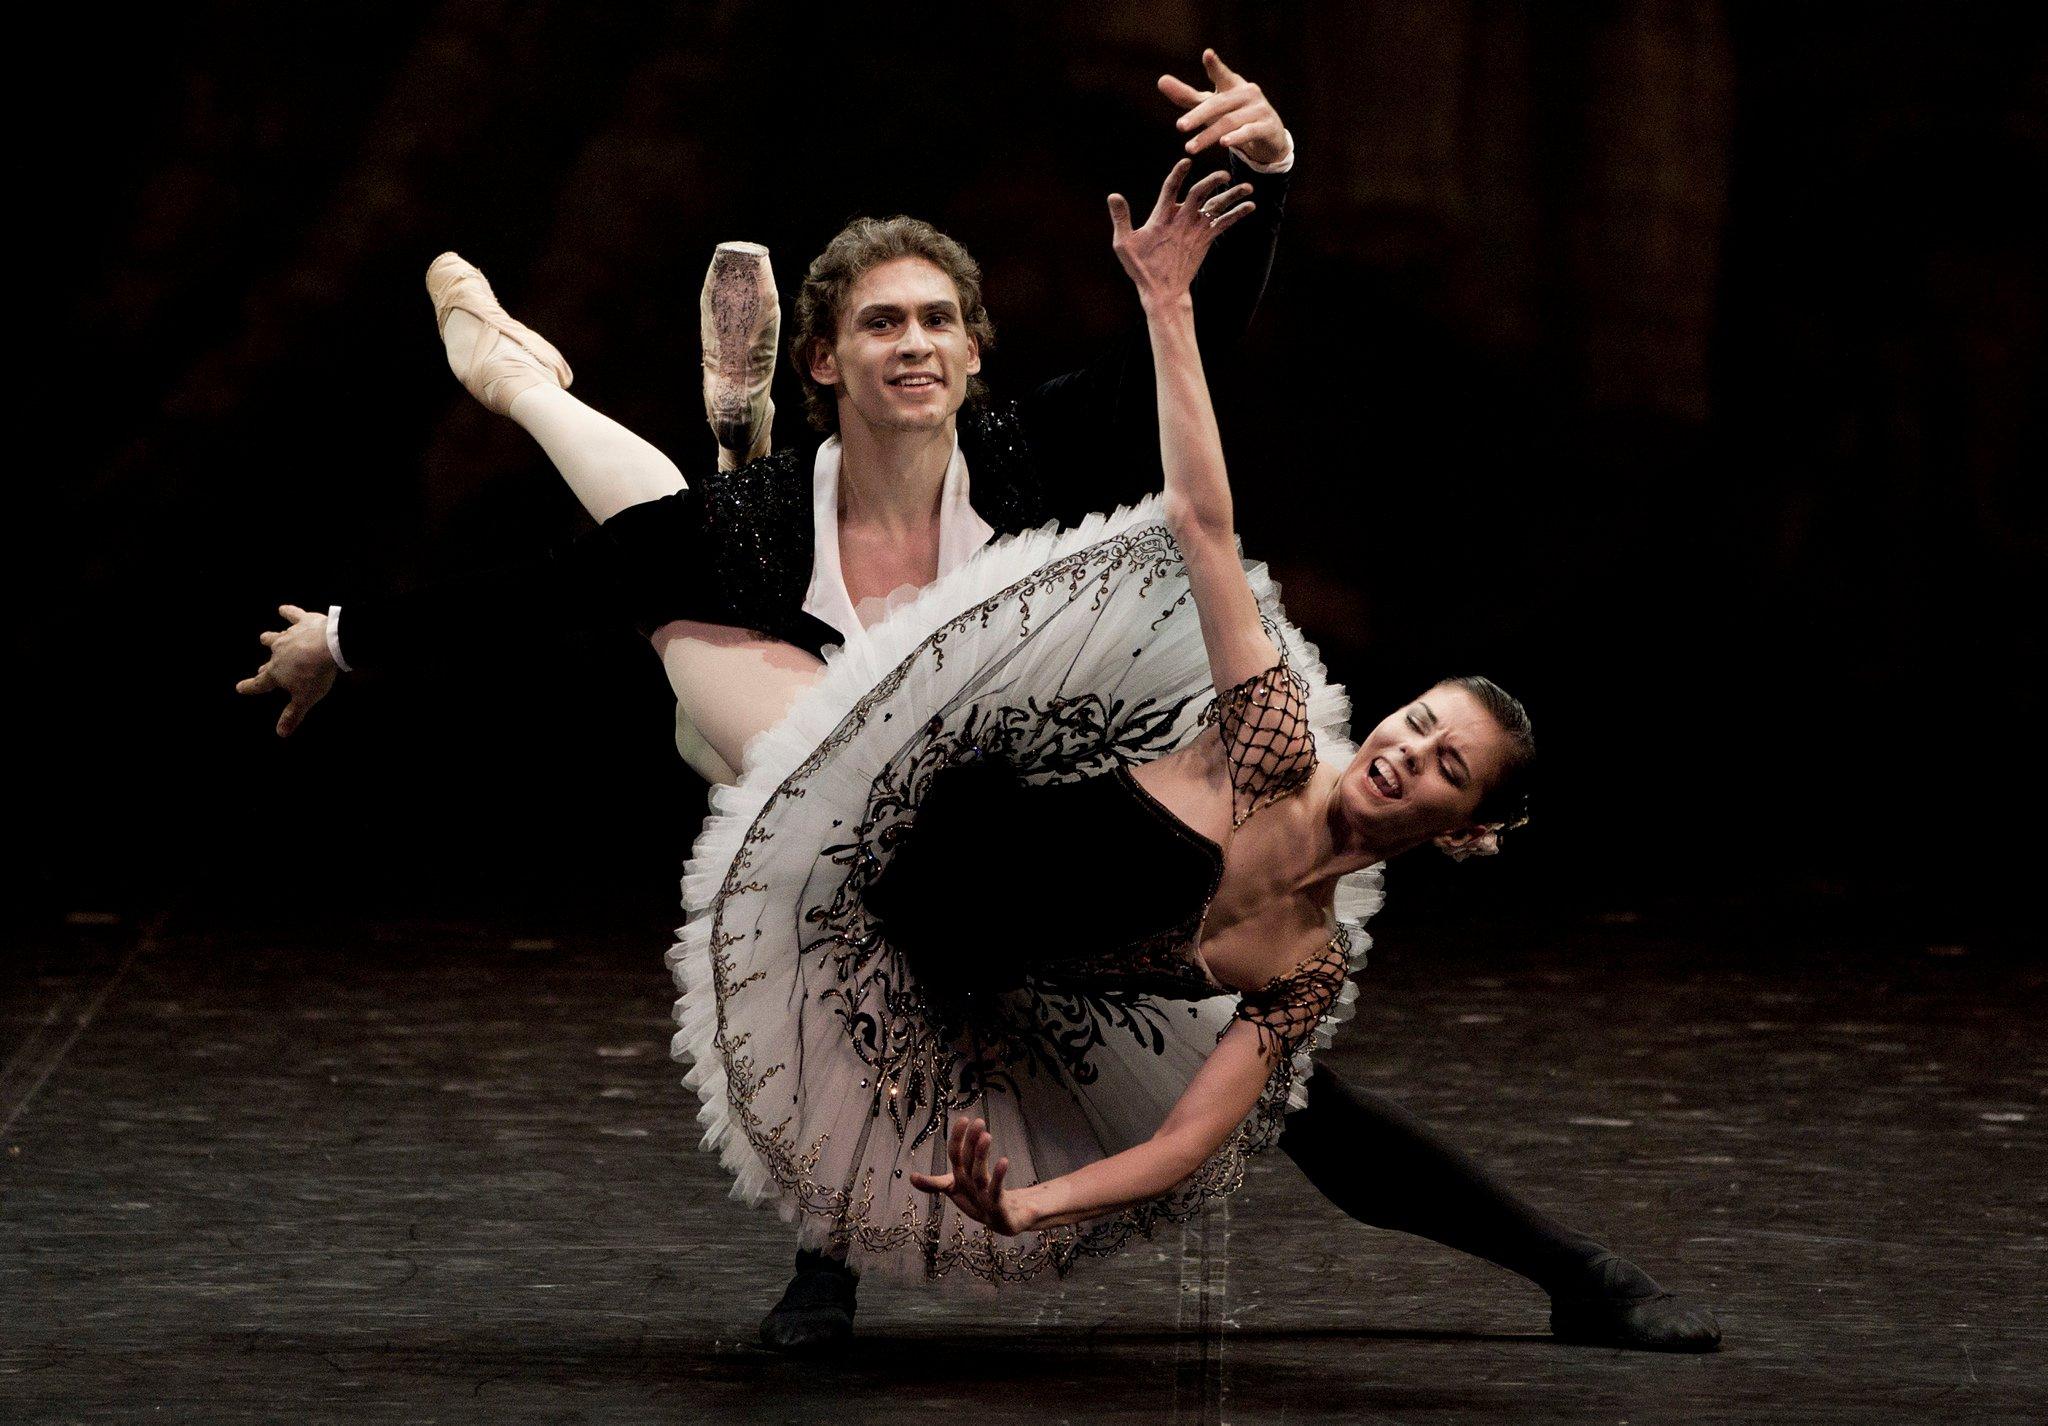 балета в приват фильмах или поздно